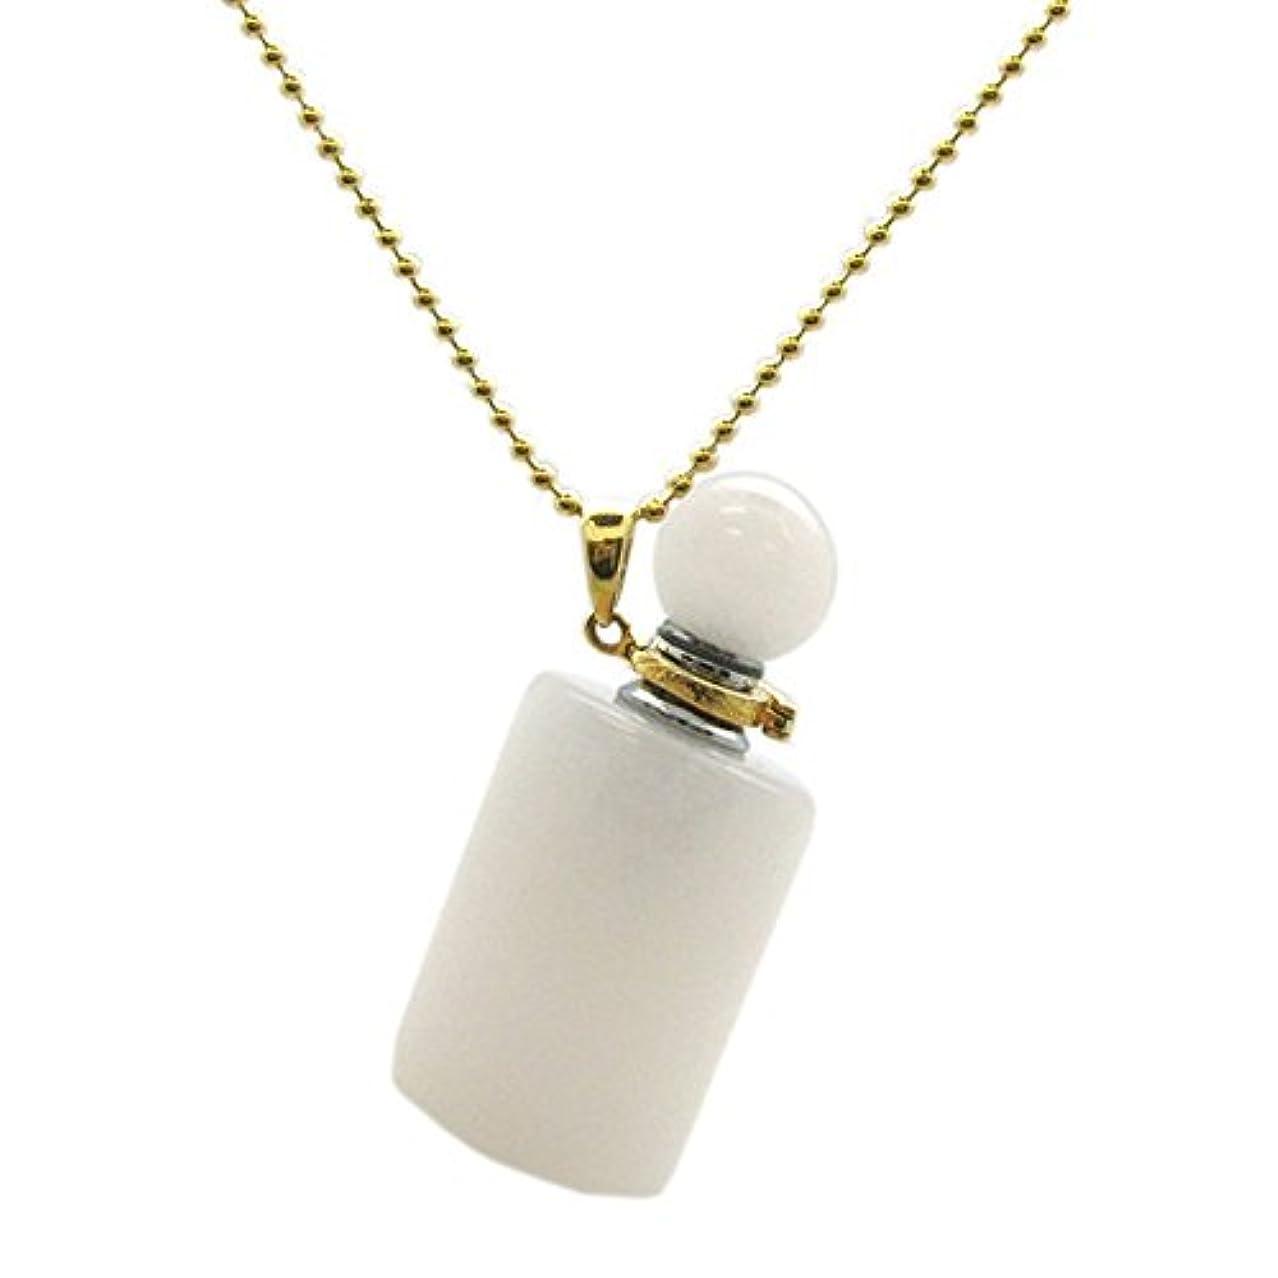 パラナ川適応ブッシュケイトAvenue Gold over Sterling Silver Gemstone Aromatherapy Essential Oil Diffuserネックレス、香水とMosquito Repellentネックレス